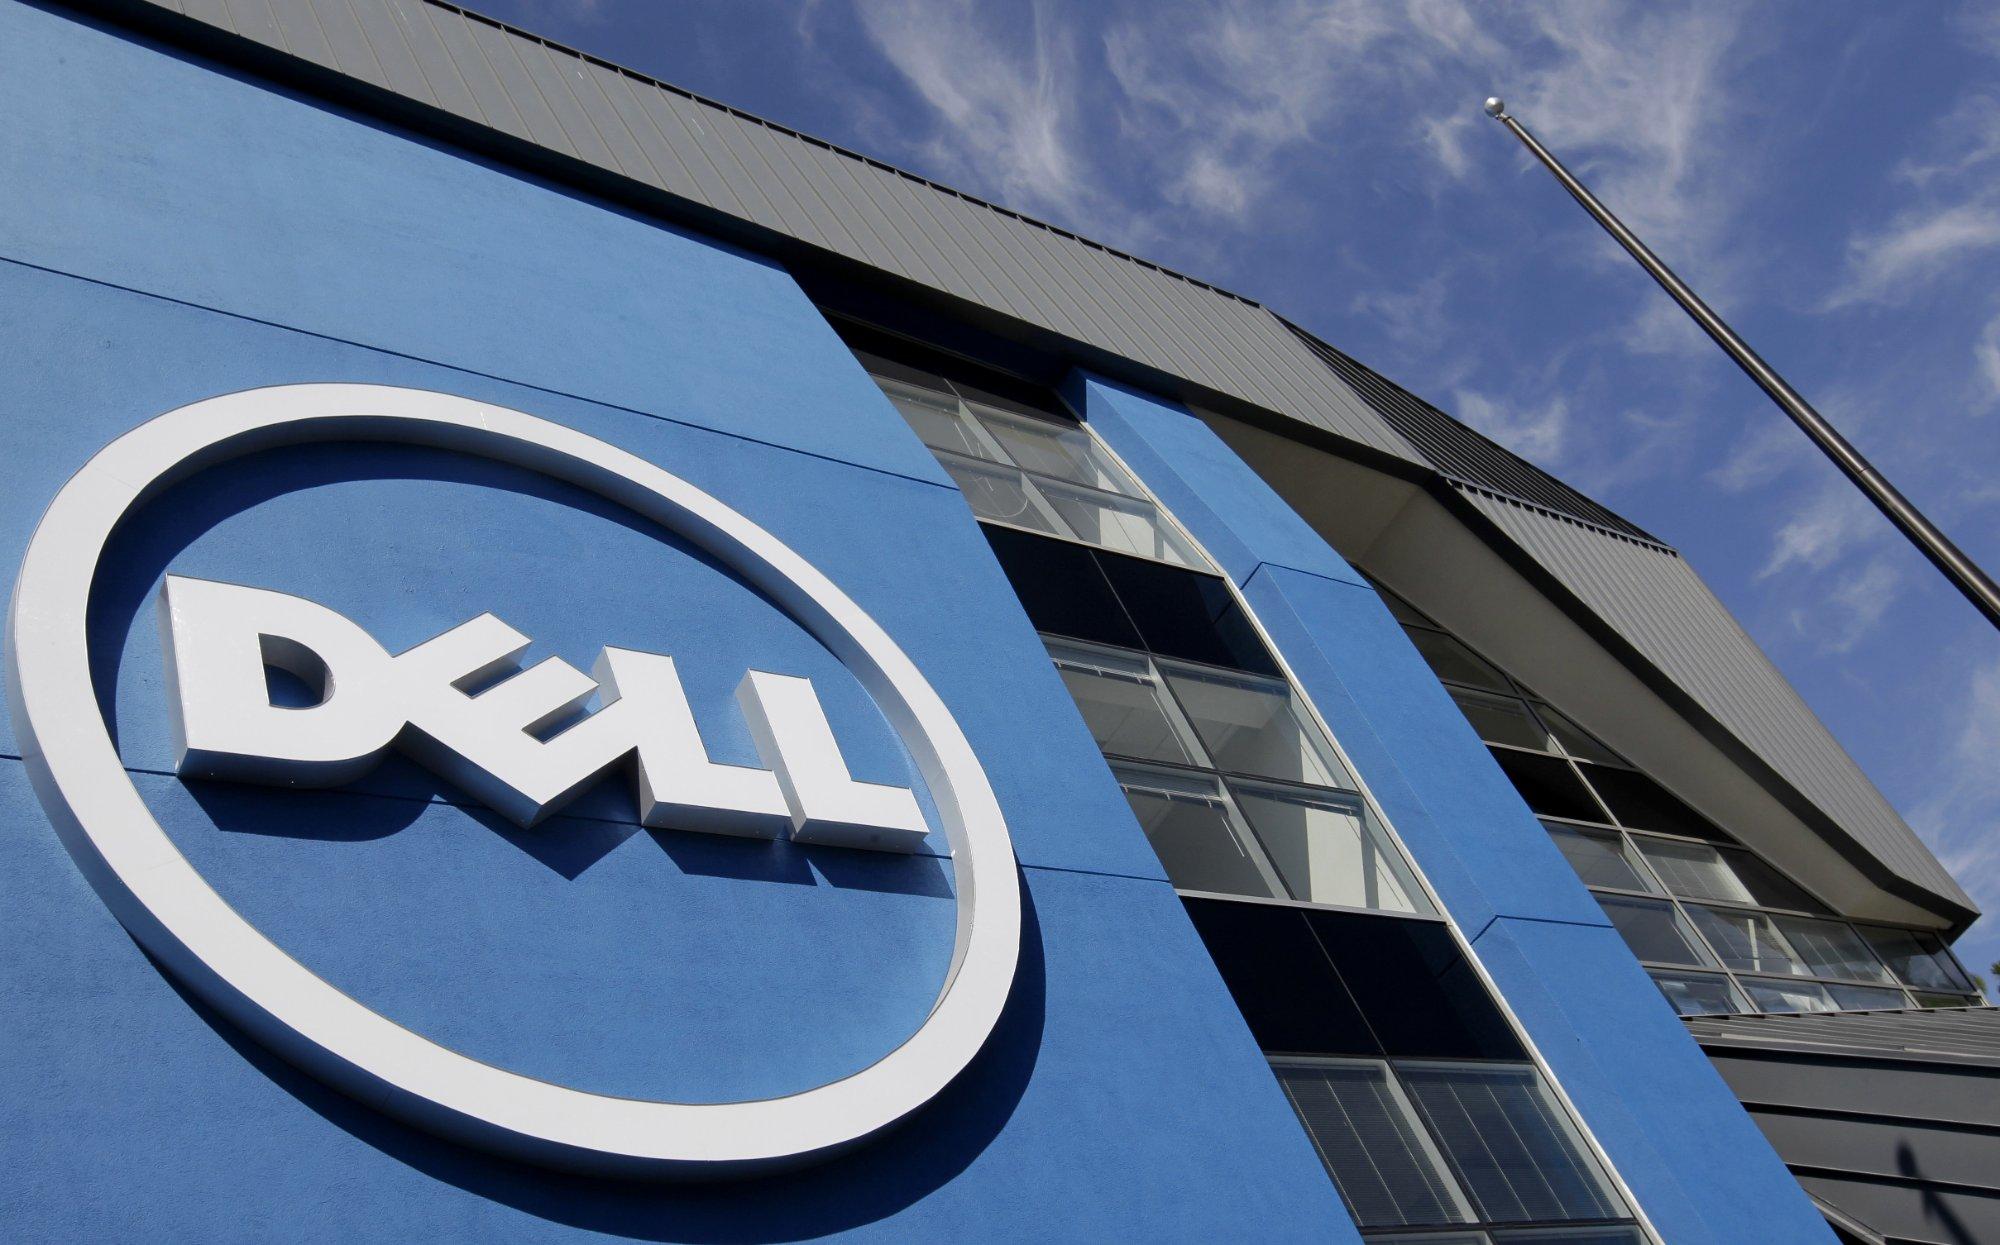 При помощи блокчейн Dell собирается сохранить лидерство на рынке Индии